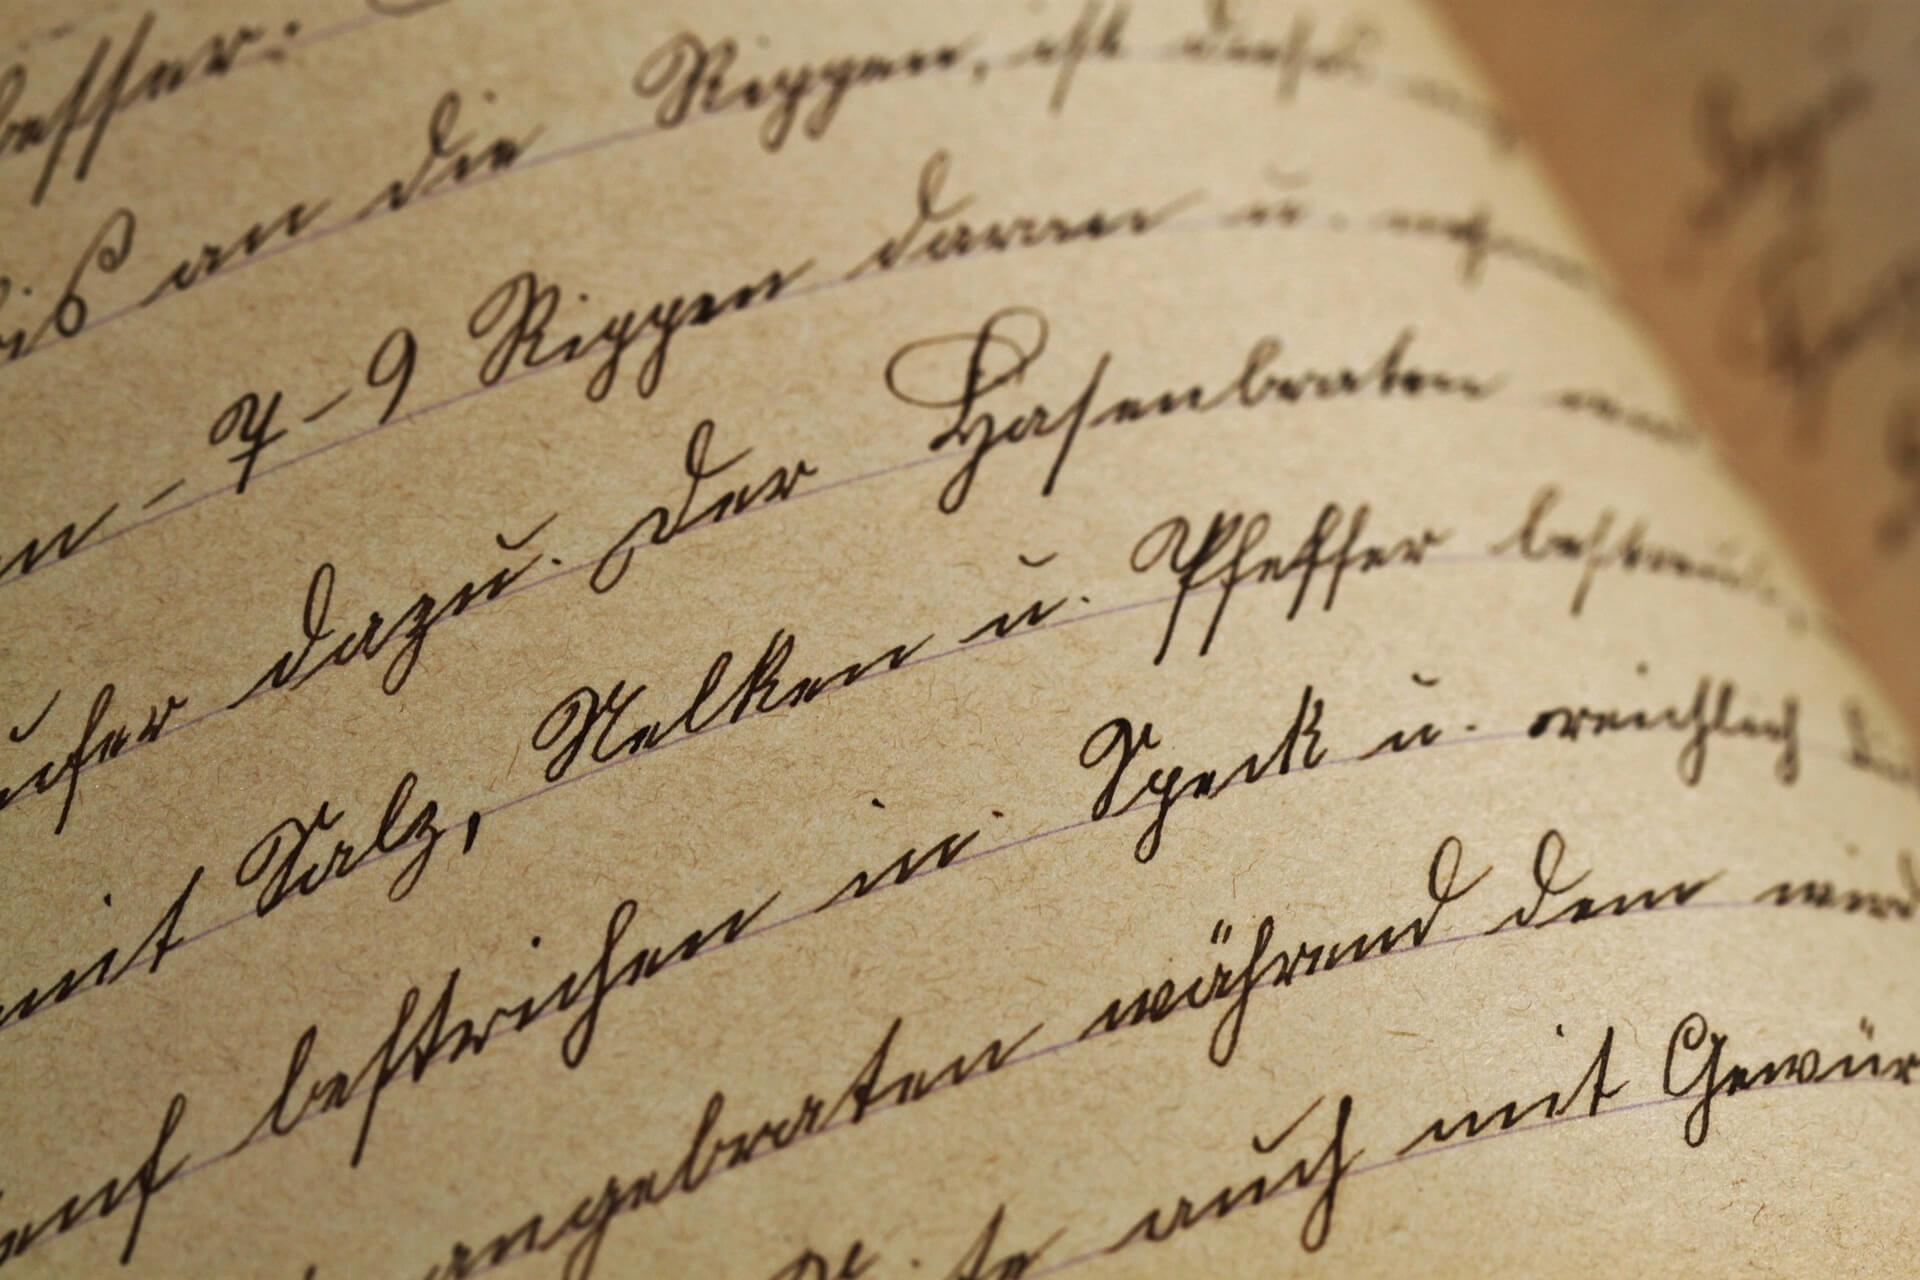 Handschriftprobe verlangt - was soll ich schreiben? | Schneller zur ...